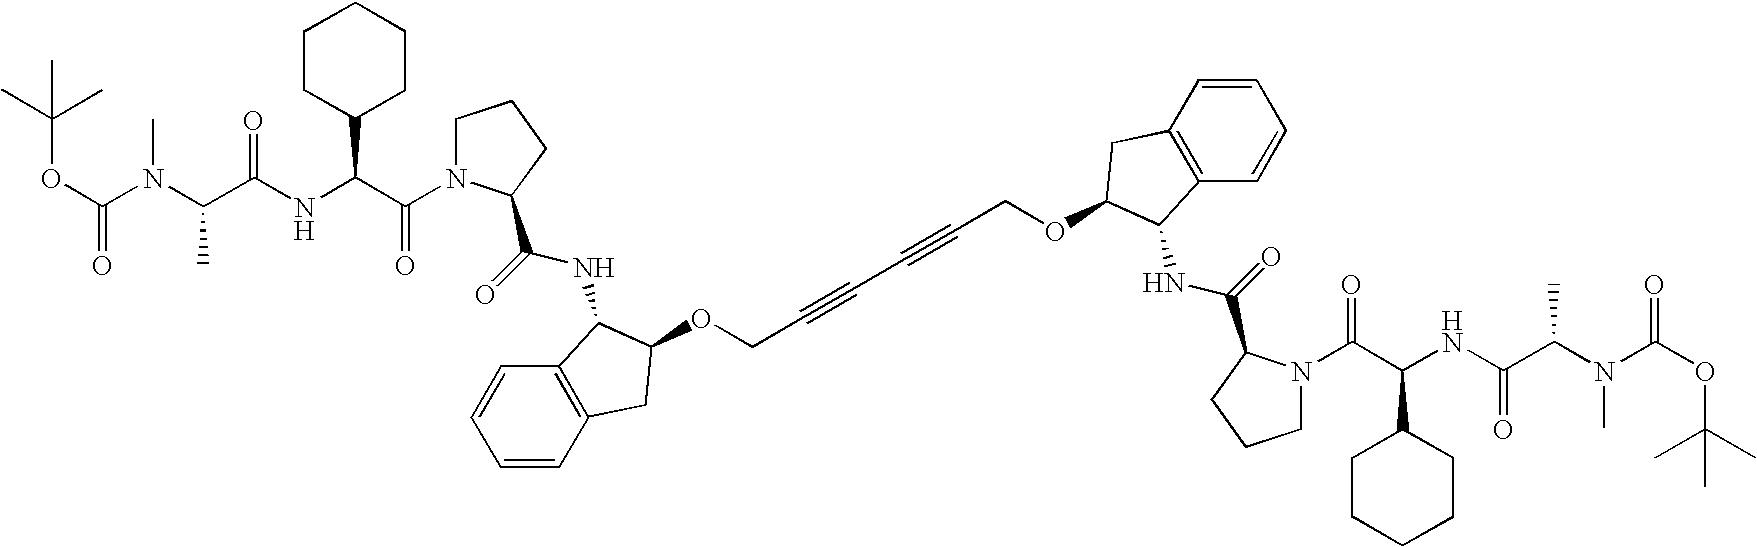 Figure US20100317593A1-20101216-C00035